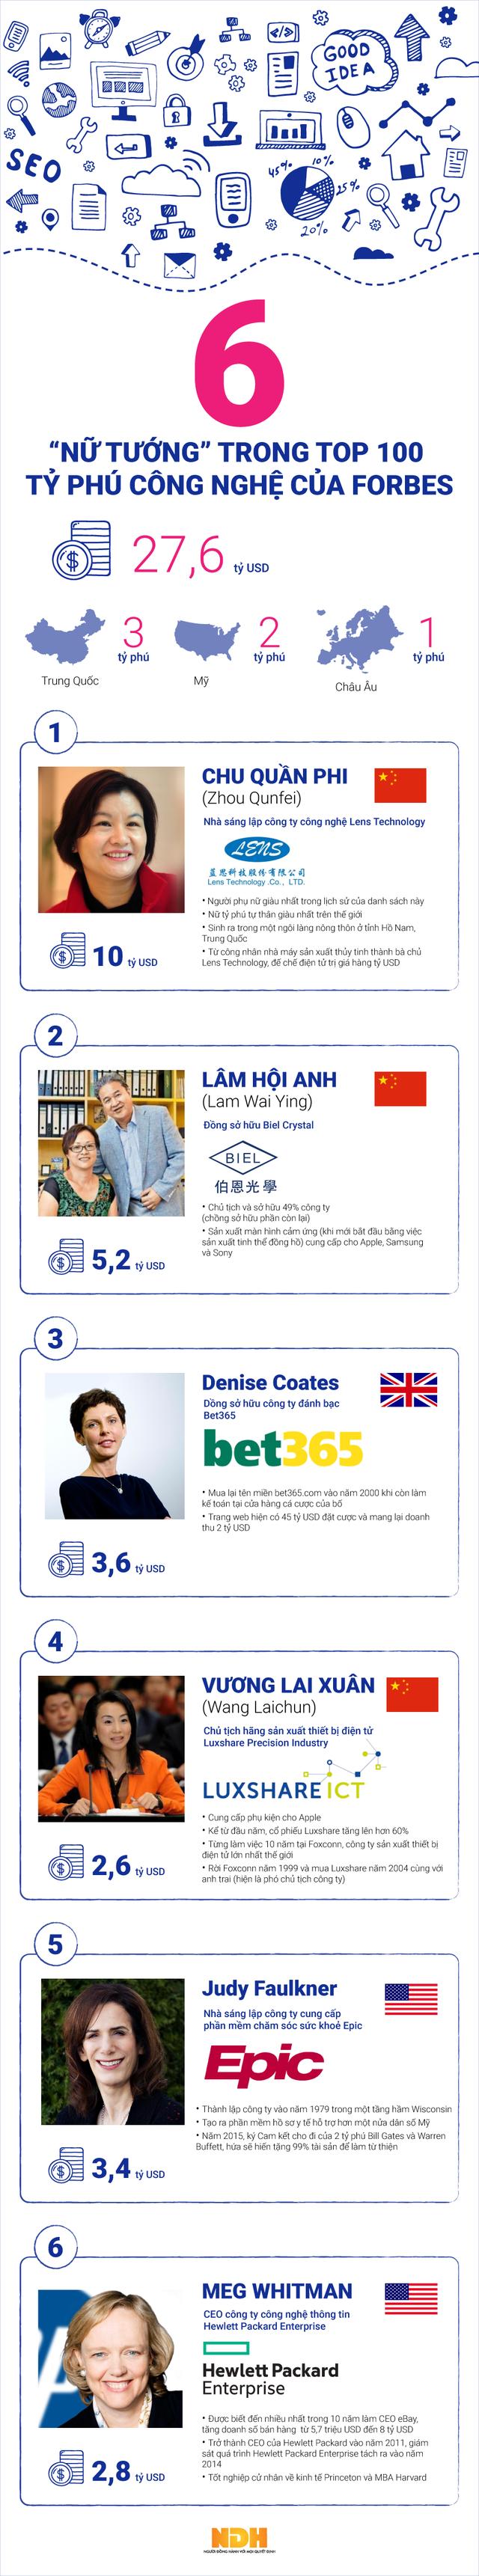 """[Infographic] 6 """"nữ tướng"""" trong top 100 tỷ phú công nghệ của Forbes - Ảnh 1."""